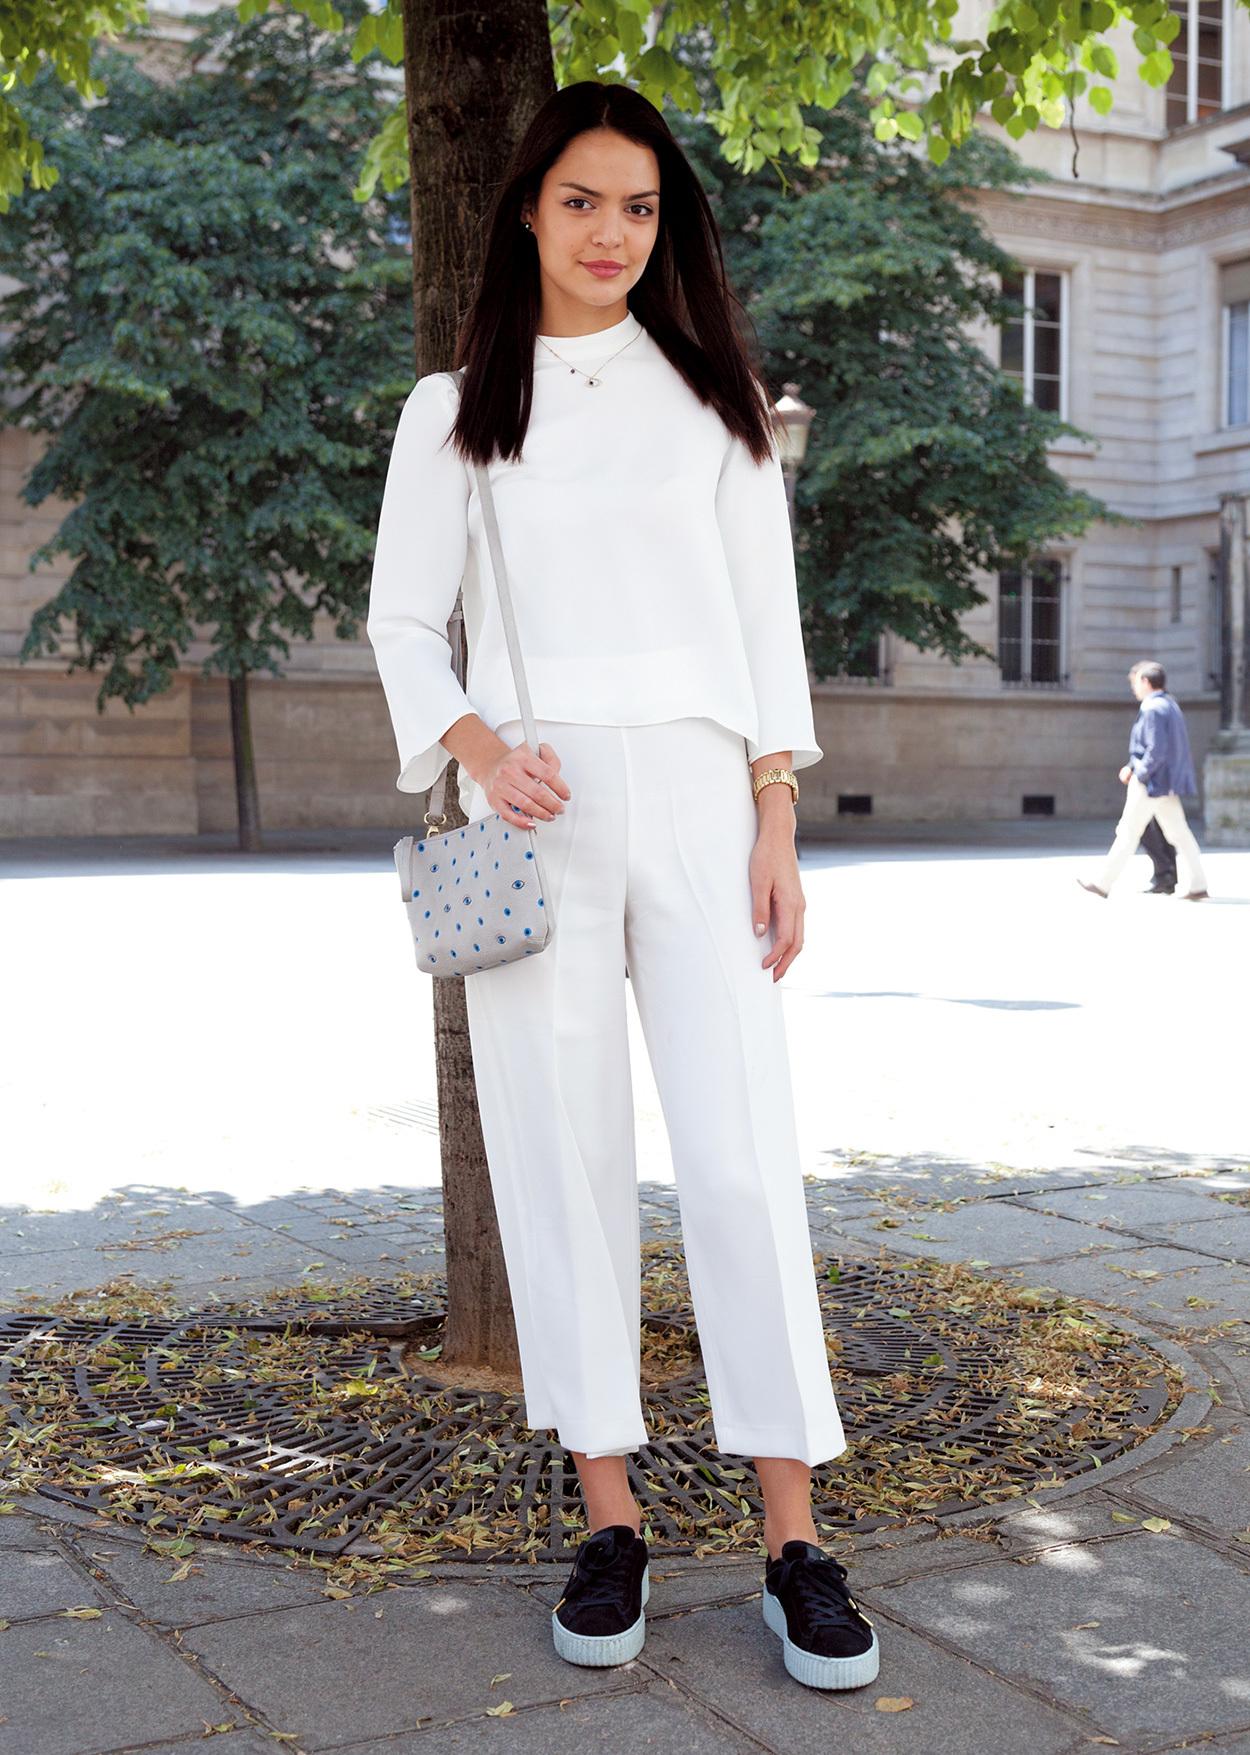 白、グレー、ネイビー。定番色はグラデーションで着るのが素敵【ファッションSNAP ミラノ・パリ編】_1_1